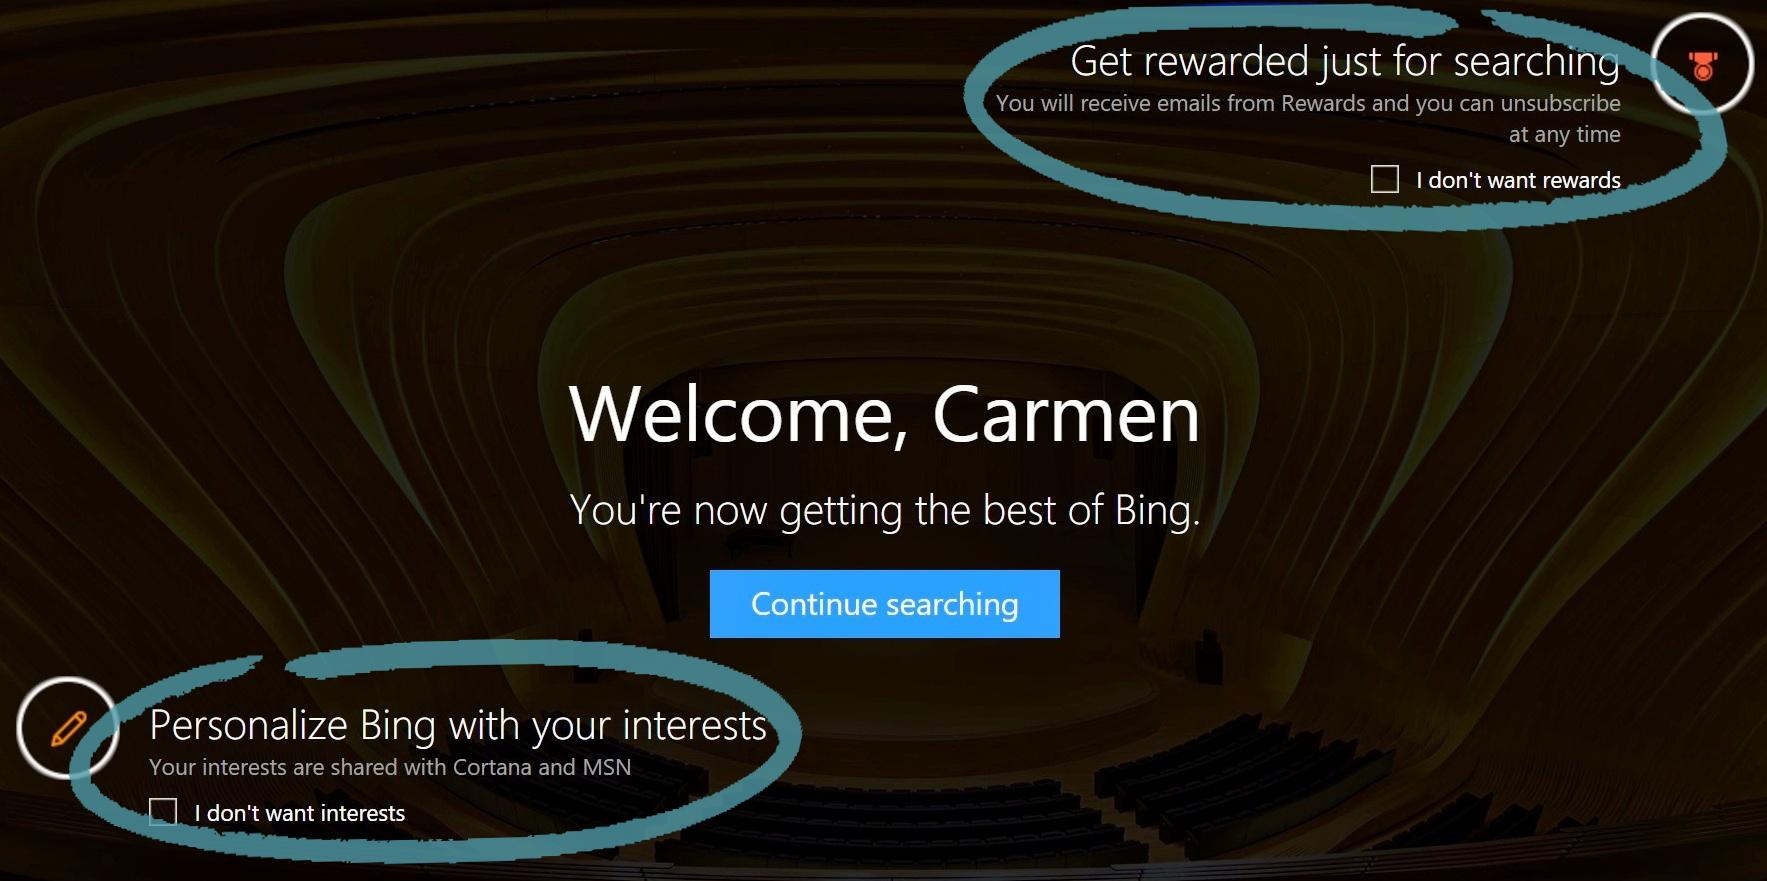 الاشتراكات في صفحة Bing الرئيسية مع المكافآت والاهتمامات